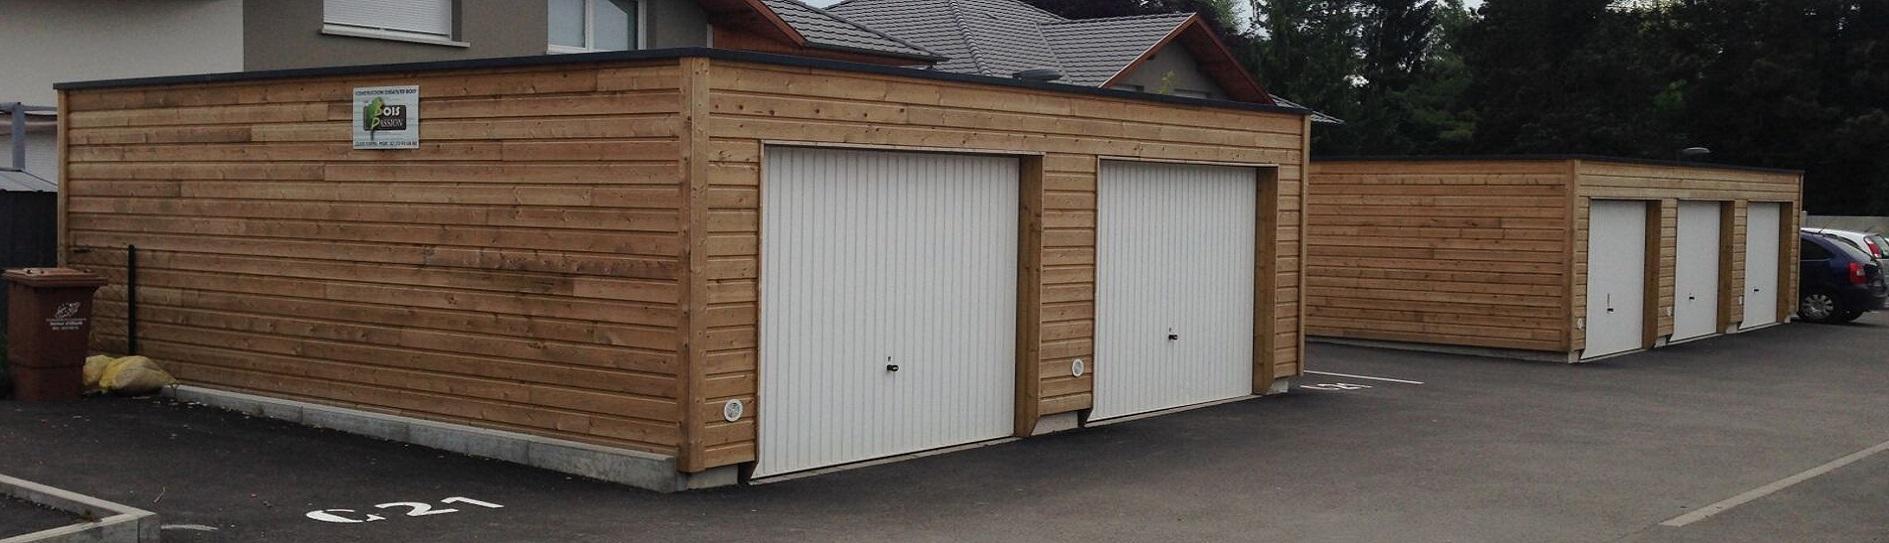 bardage bois naturel m l ze votre garage bois. Black Bedroom Furniture Sets. Home Design Ideas